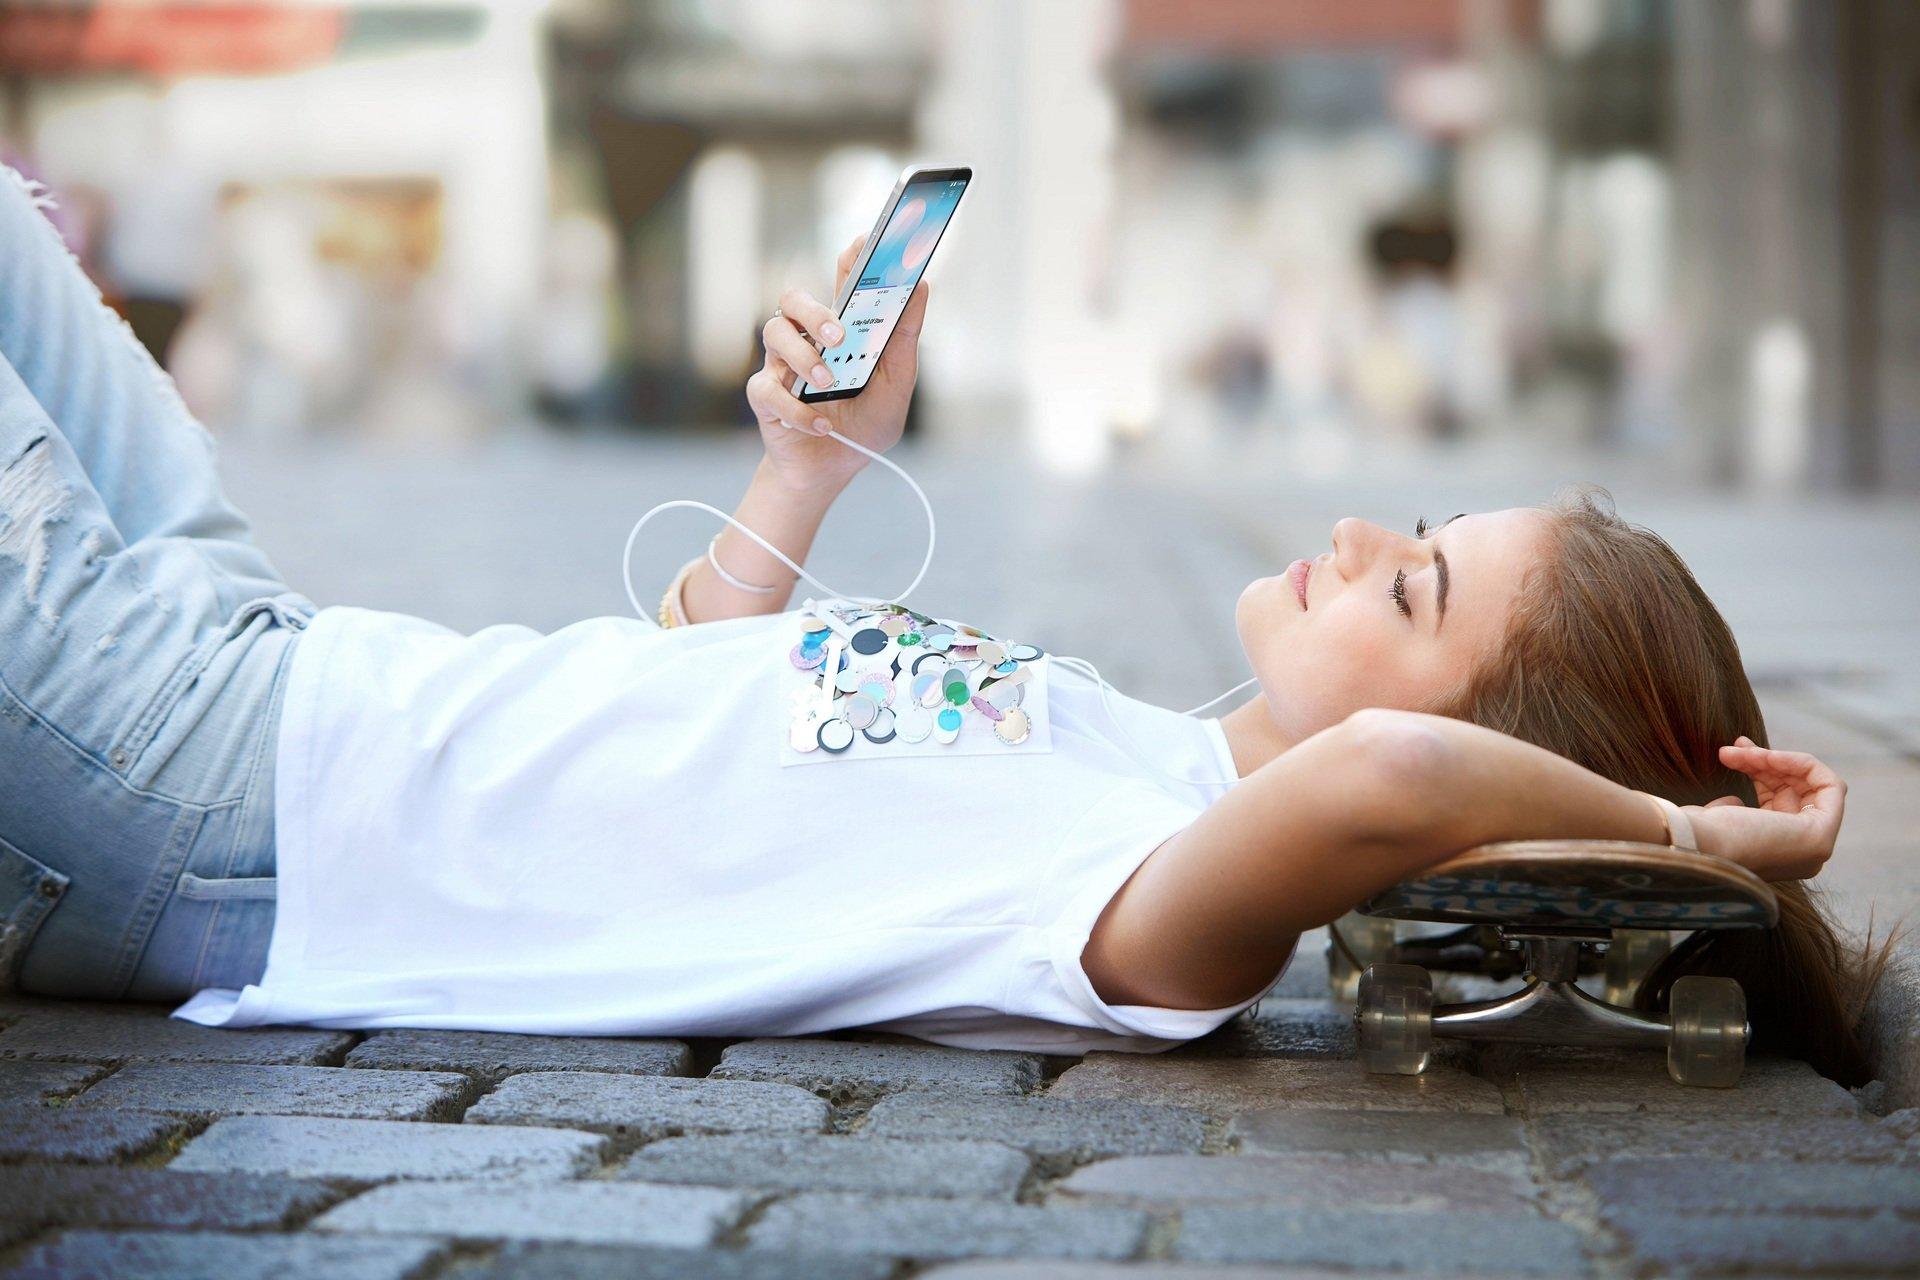 W poszukiwaniu smartfona idealnego - LG odkrywa czego pragną Millenialsi